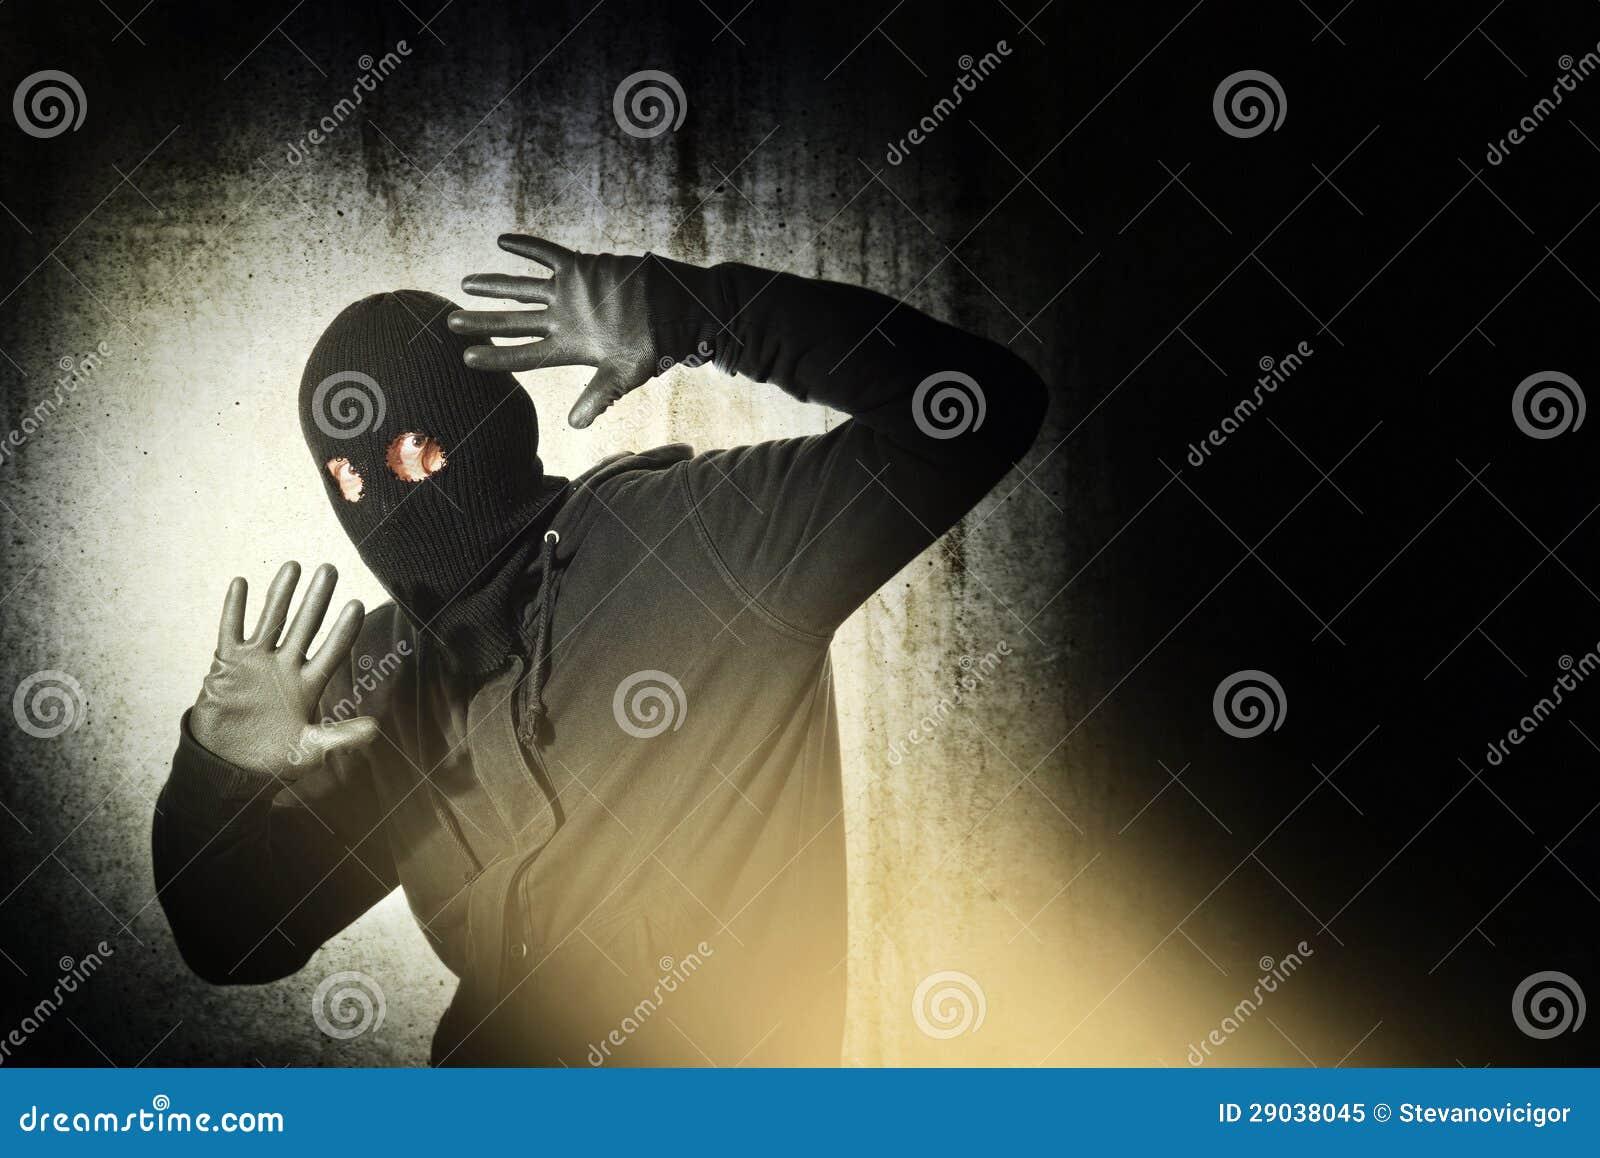 Caught burglar